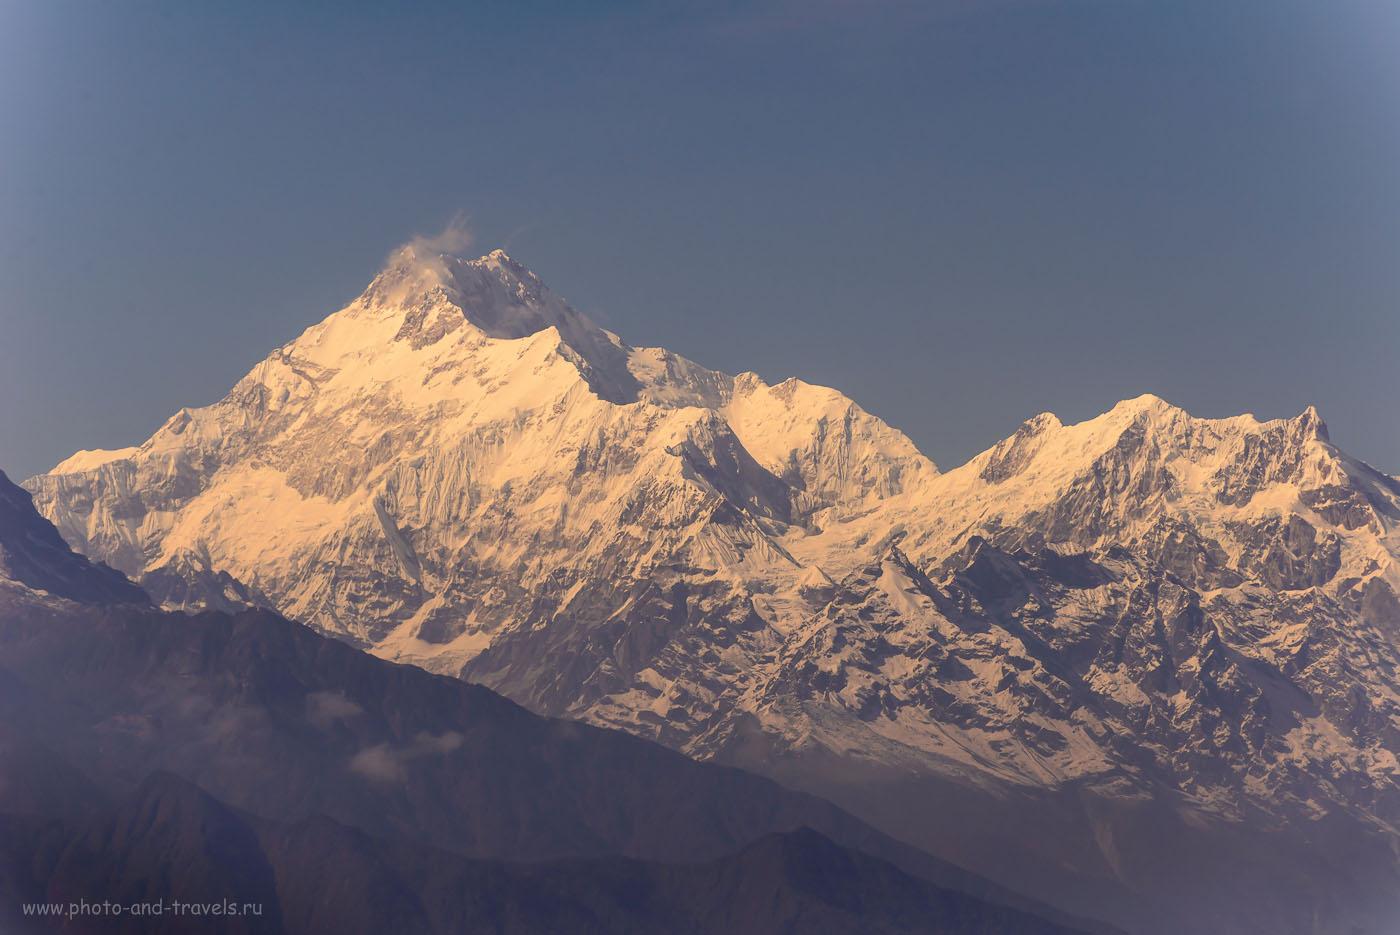 19. На планете Земля насчитывают 14 гор высотой больше 8000 метров над уровнем моря. Одна из самых неприступных и сложных для восхождения альпинистов – величественная Канченджунга. 8.0, 1/1250, 200, -0.7EV, 220.